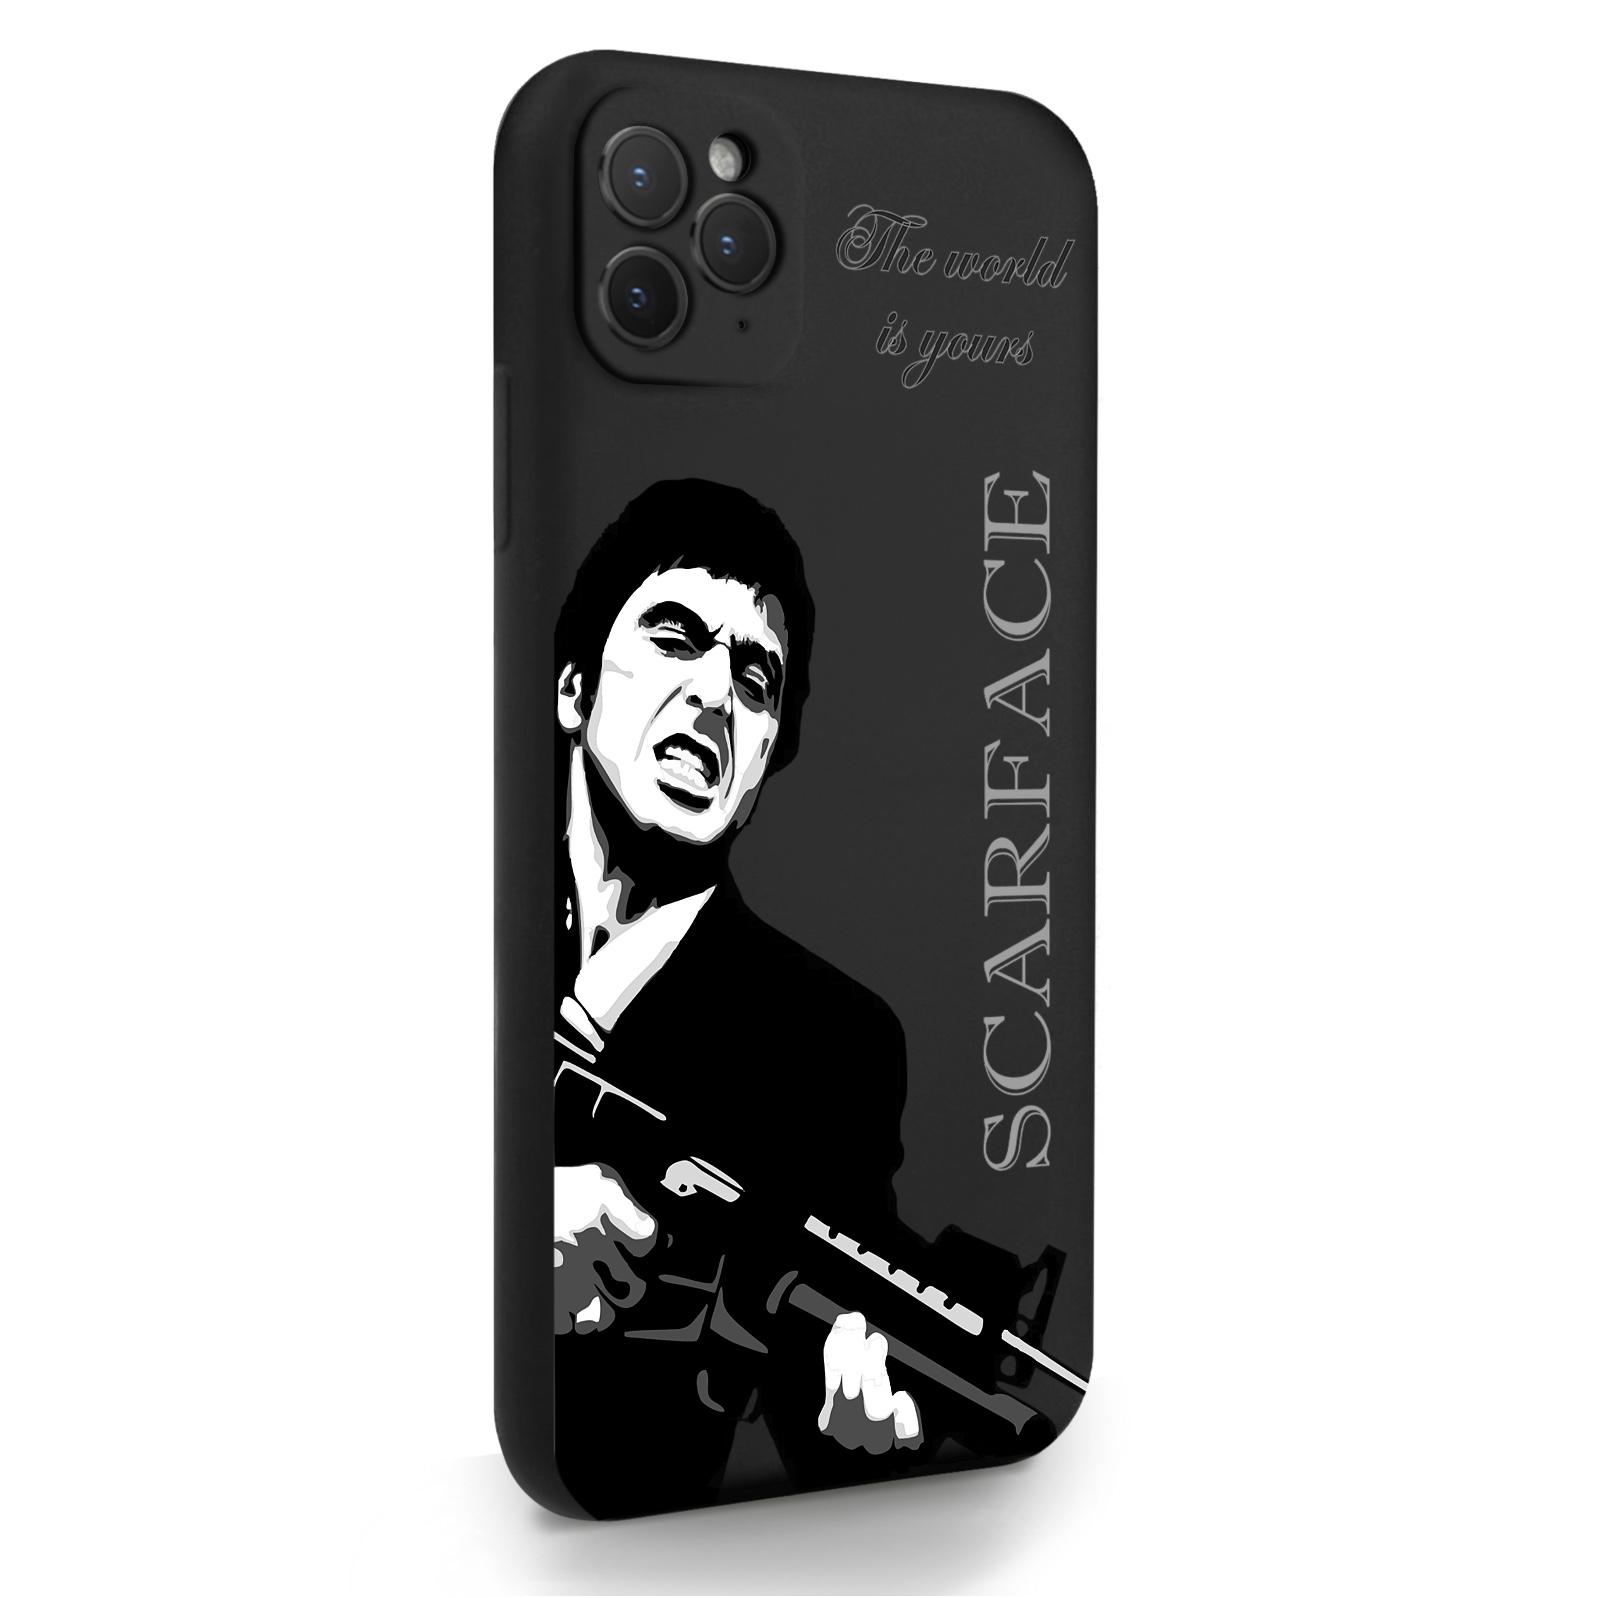 Черный силиконовый чехол для iPhone 11 Pro Max Scarface Tony Montana/ Лицо со шрамом для Айфон 11 Про Макс